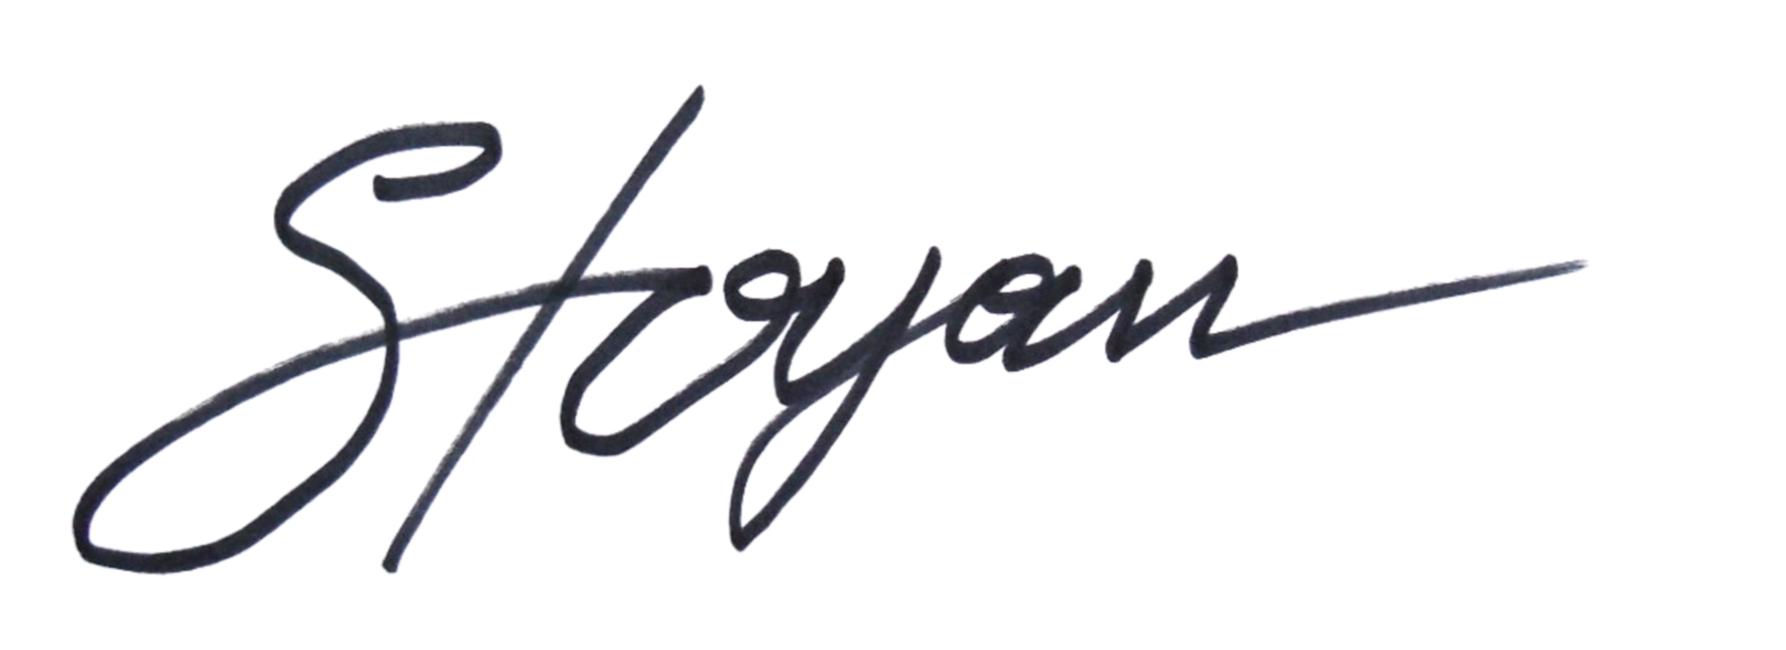 stoyan lechtevski's Signature